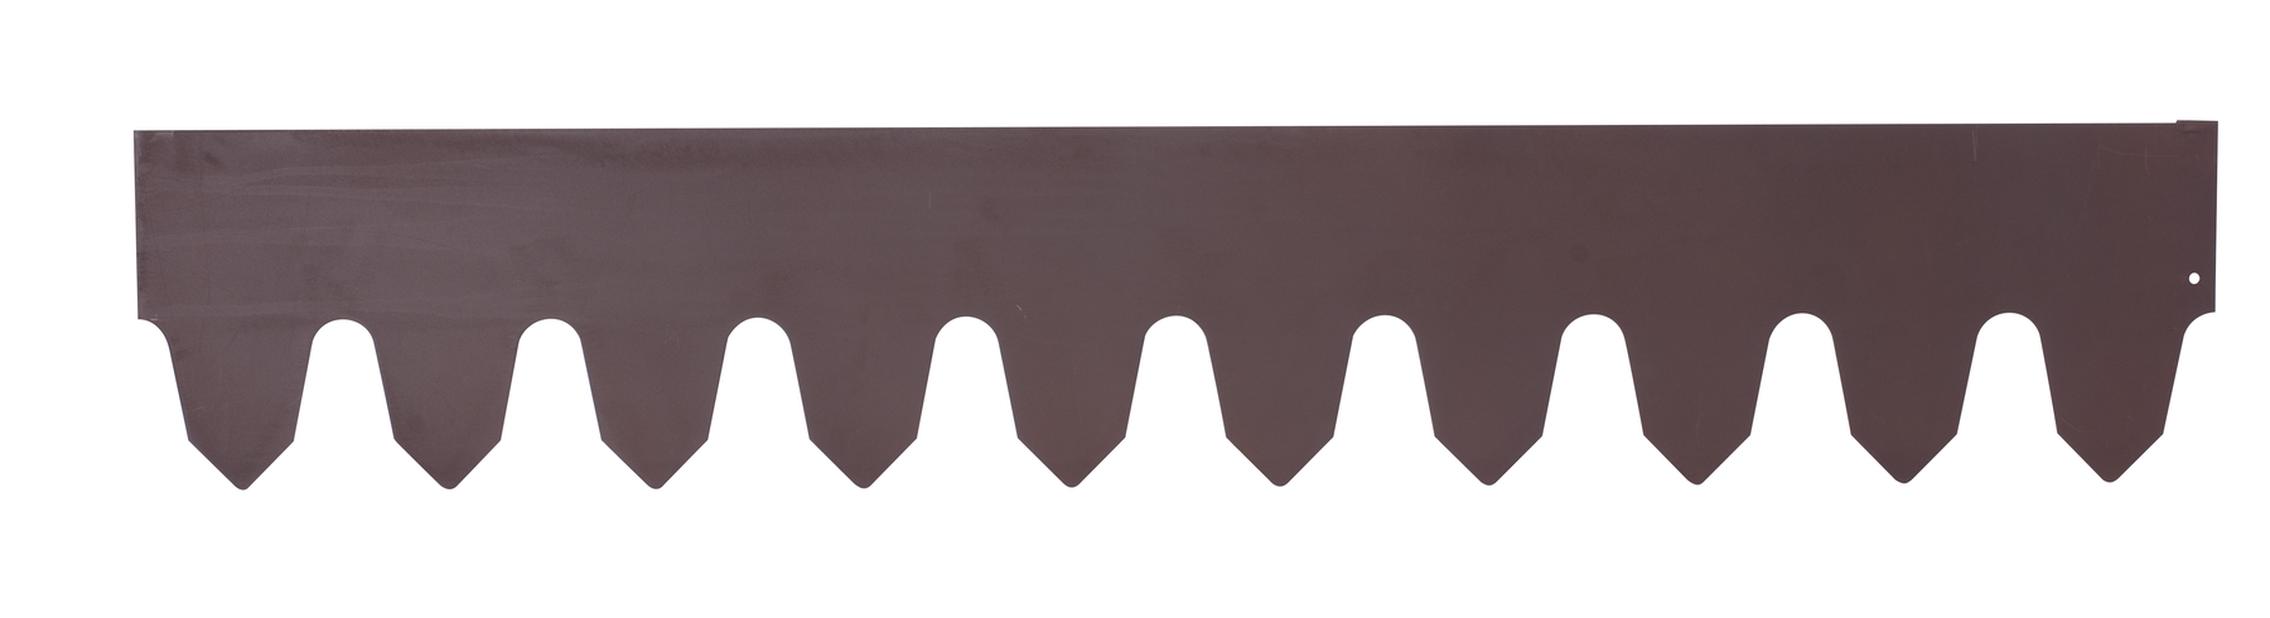 Plenkant, Lengde 100 cm, Rust